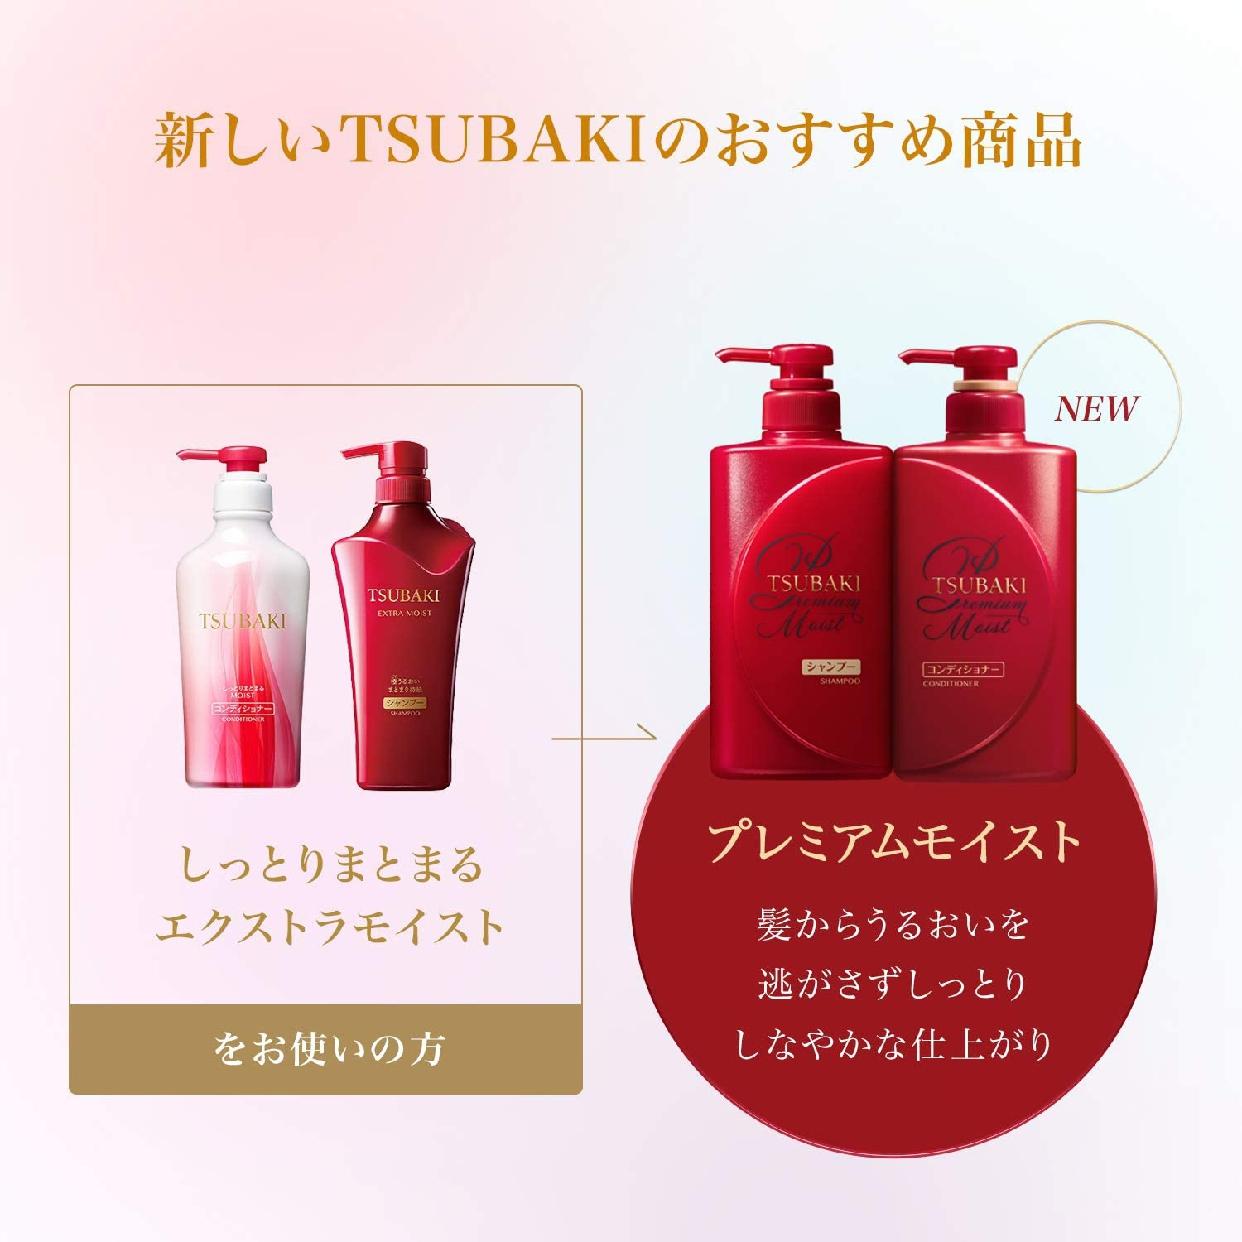 TSUBAKI(ツバキ) プレミアムモイストシャンプーの商品画像9